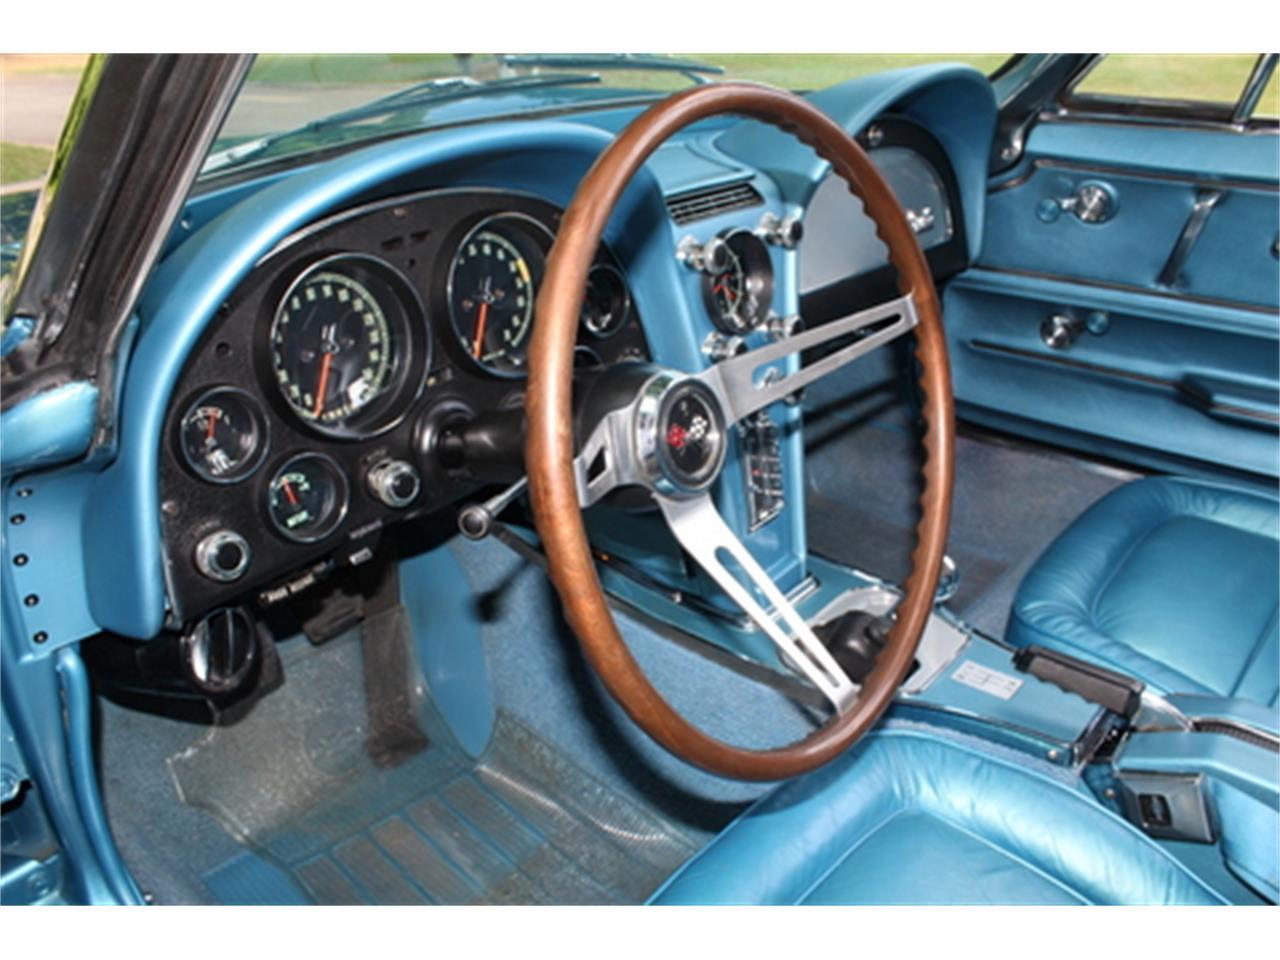 Large Picture of '67 Corvette located in Georgia - $110,000.00 - Q5DT